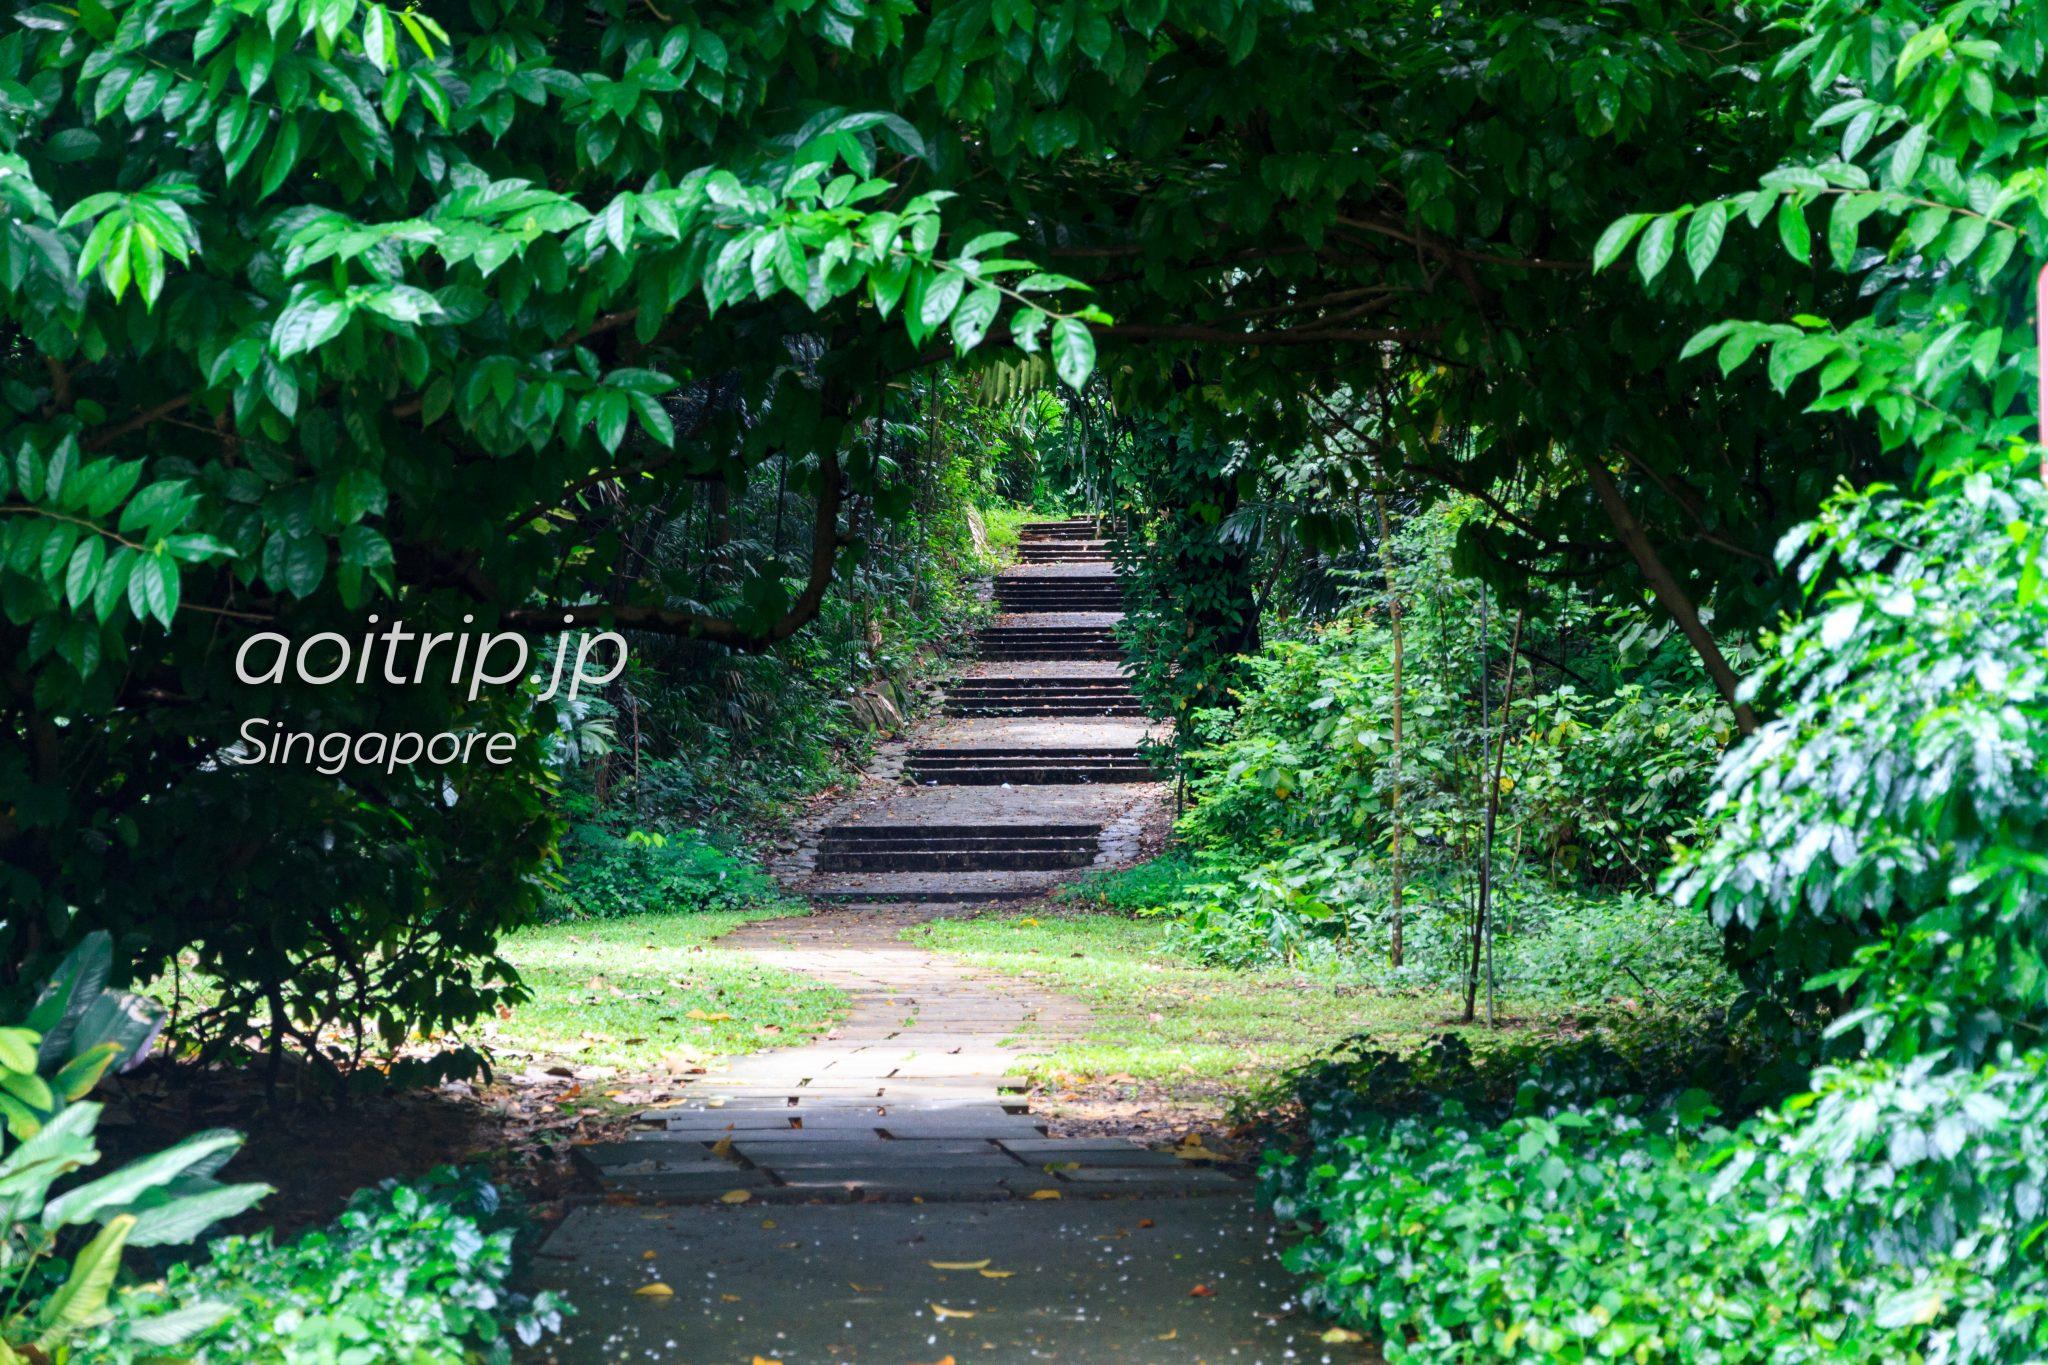 マウントフェーバーへの階段